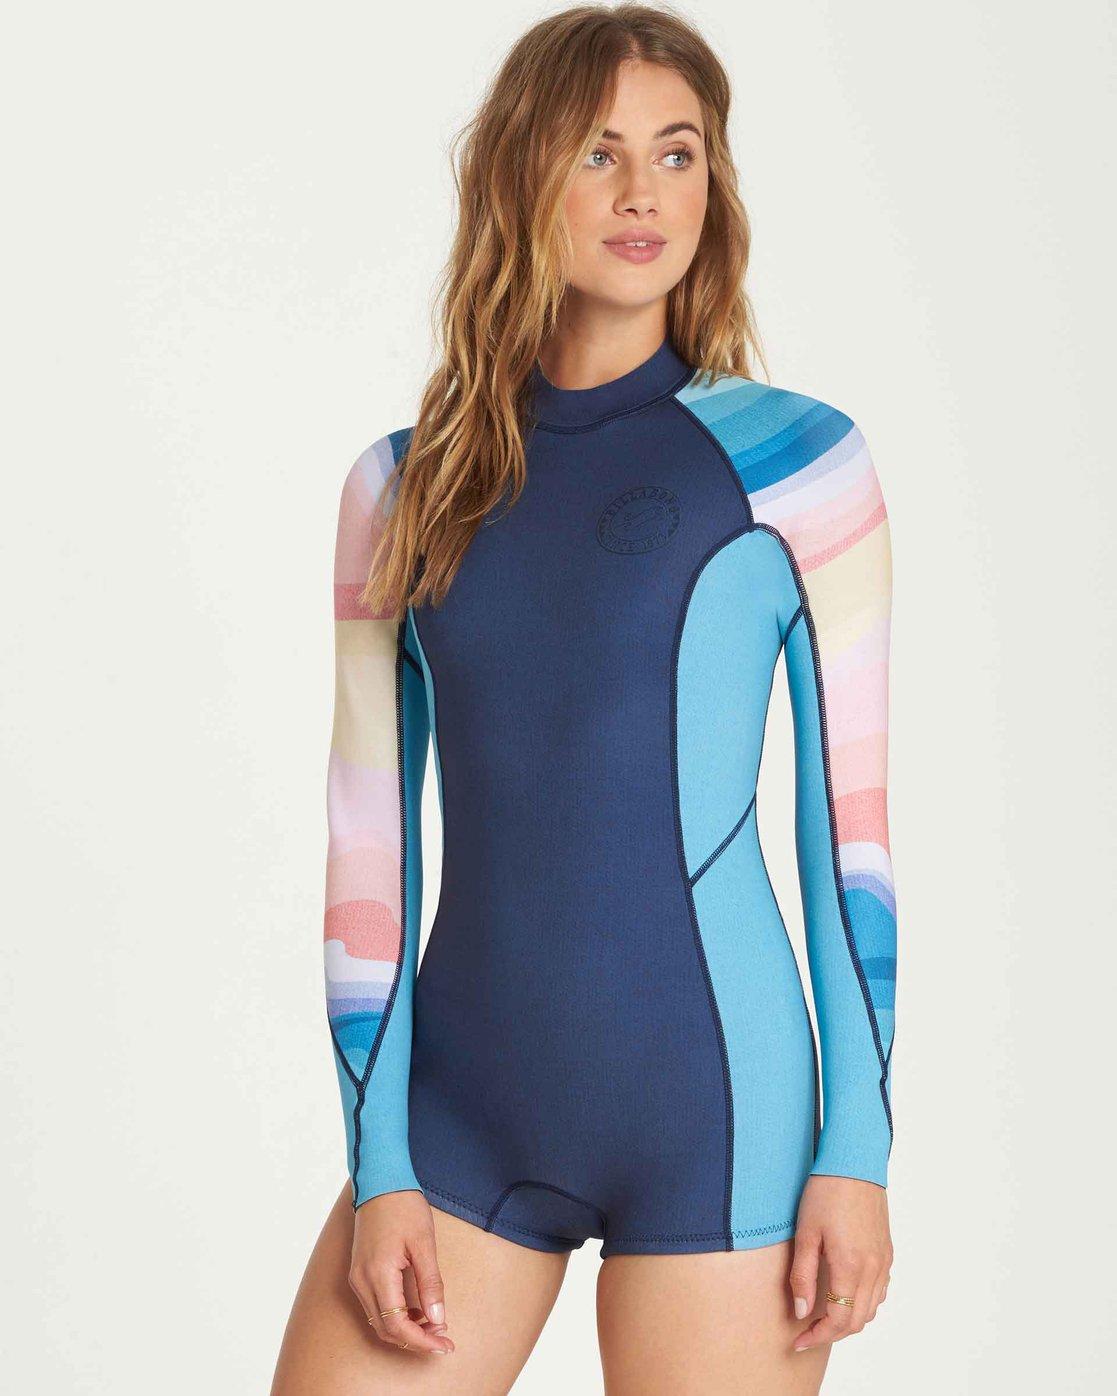 f56c18b8dc 2/2 Spring Fever Long Sleeves Back Zip Springsuit Wetsuit